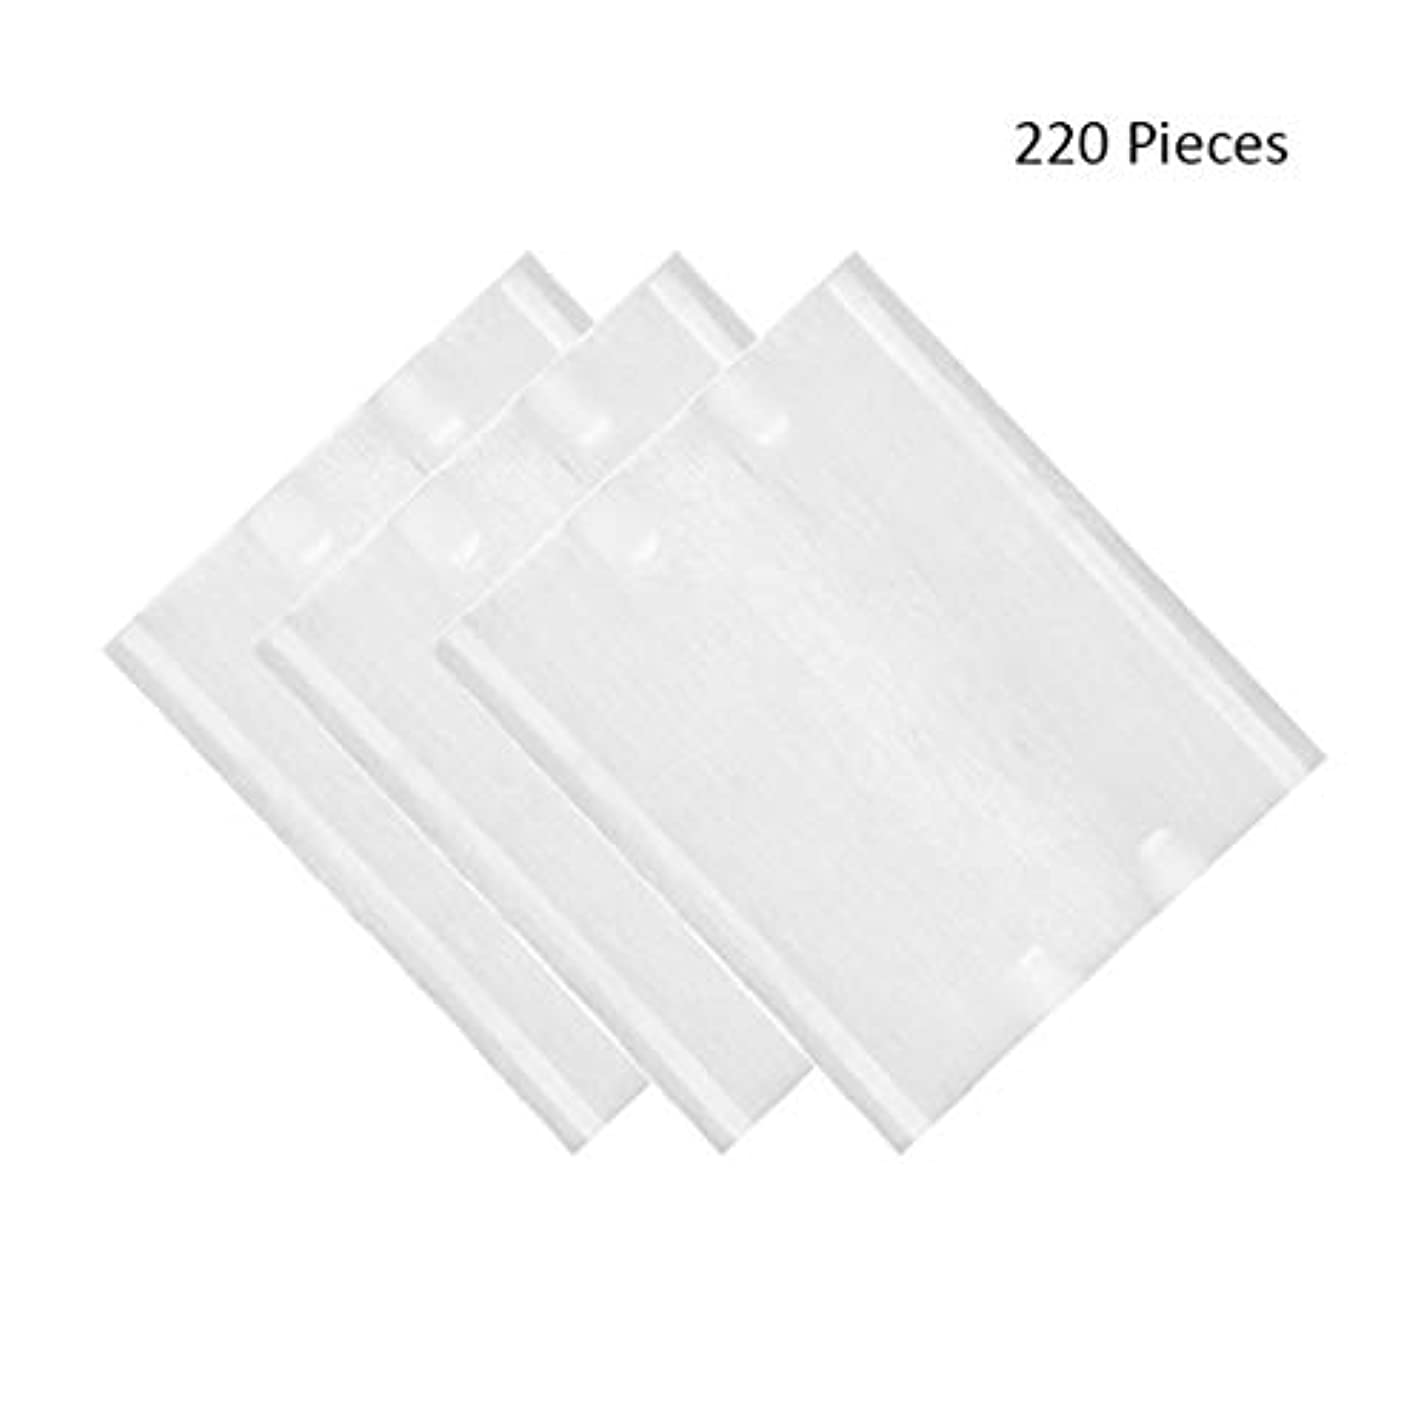 海現金先入観220ピース/パックフェイスメイクリムーバーソフト化粧コットンパッド両面スキンケアクレンジングコットンパッドリムーバーワイプ (Color : White, サイズ : 6*5cm)